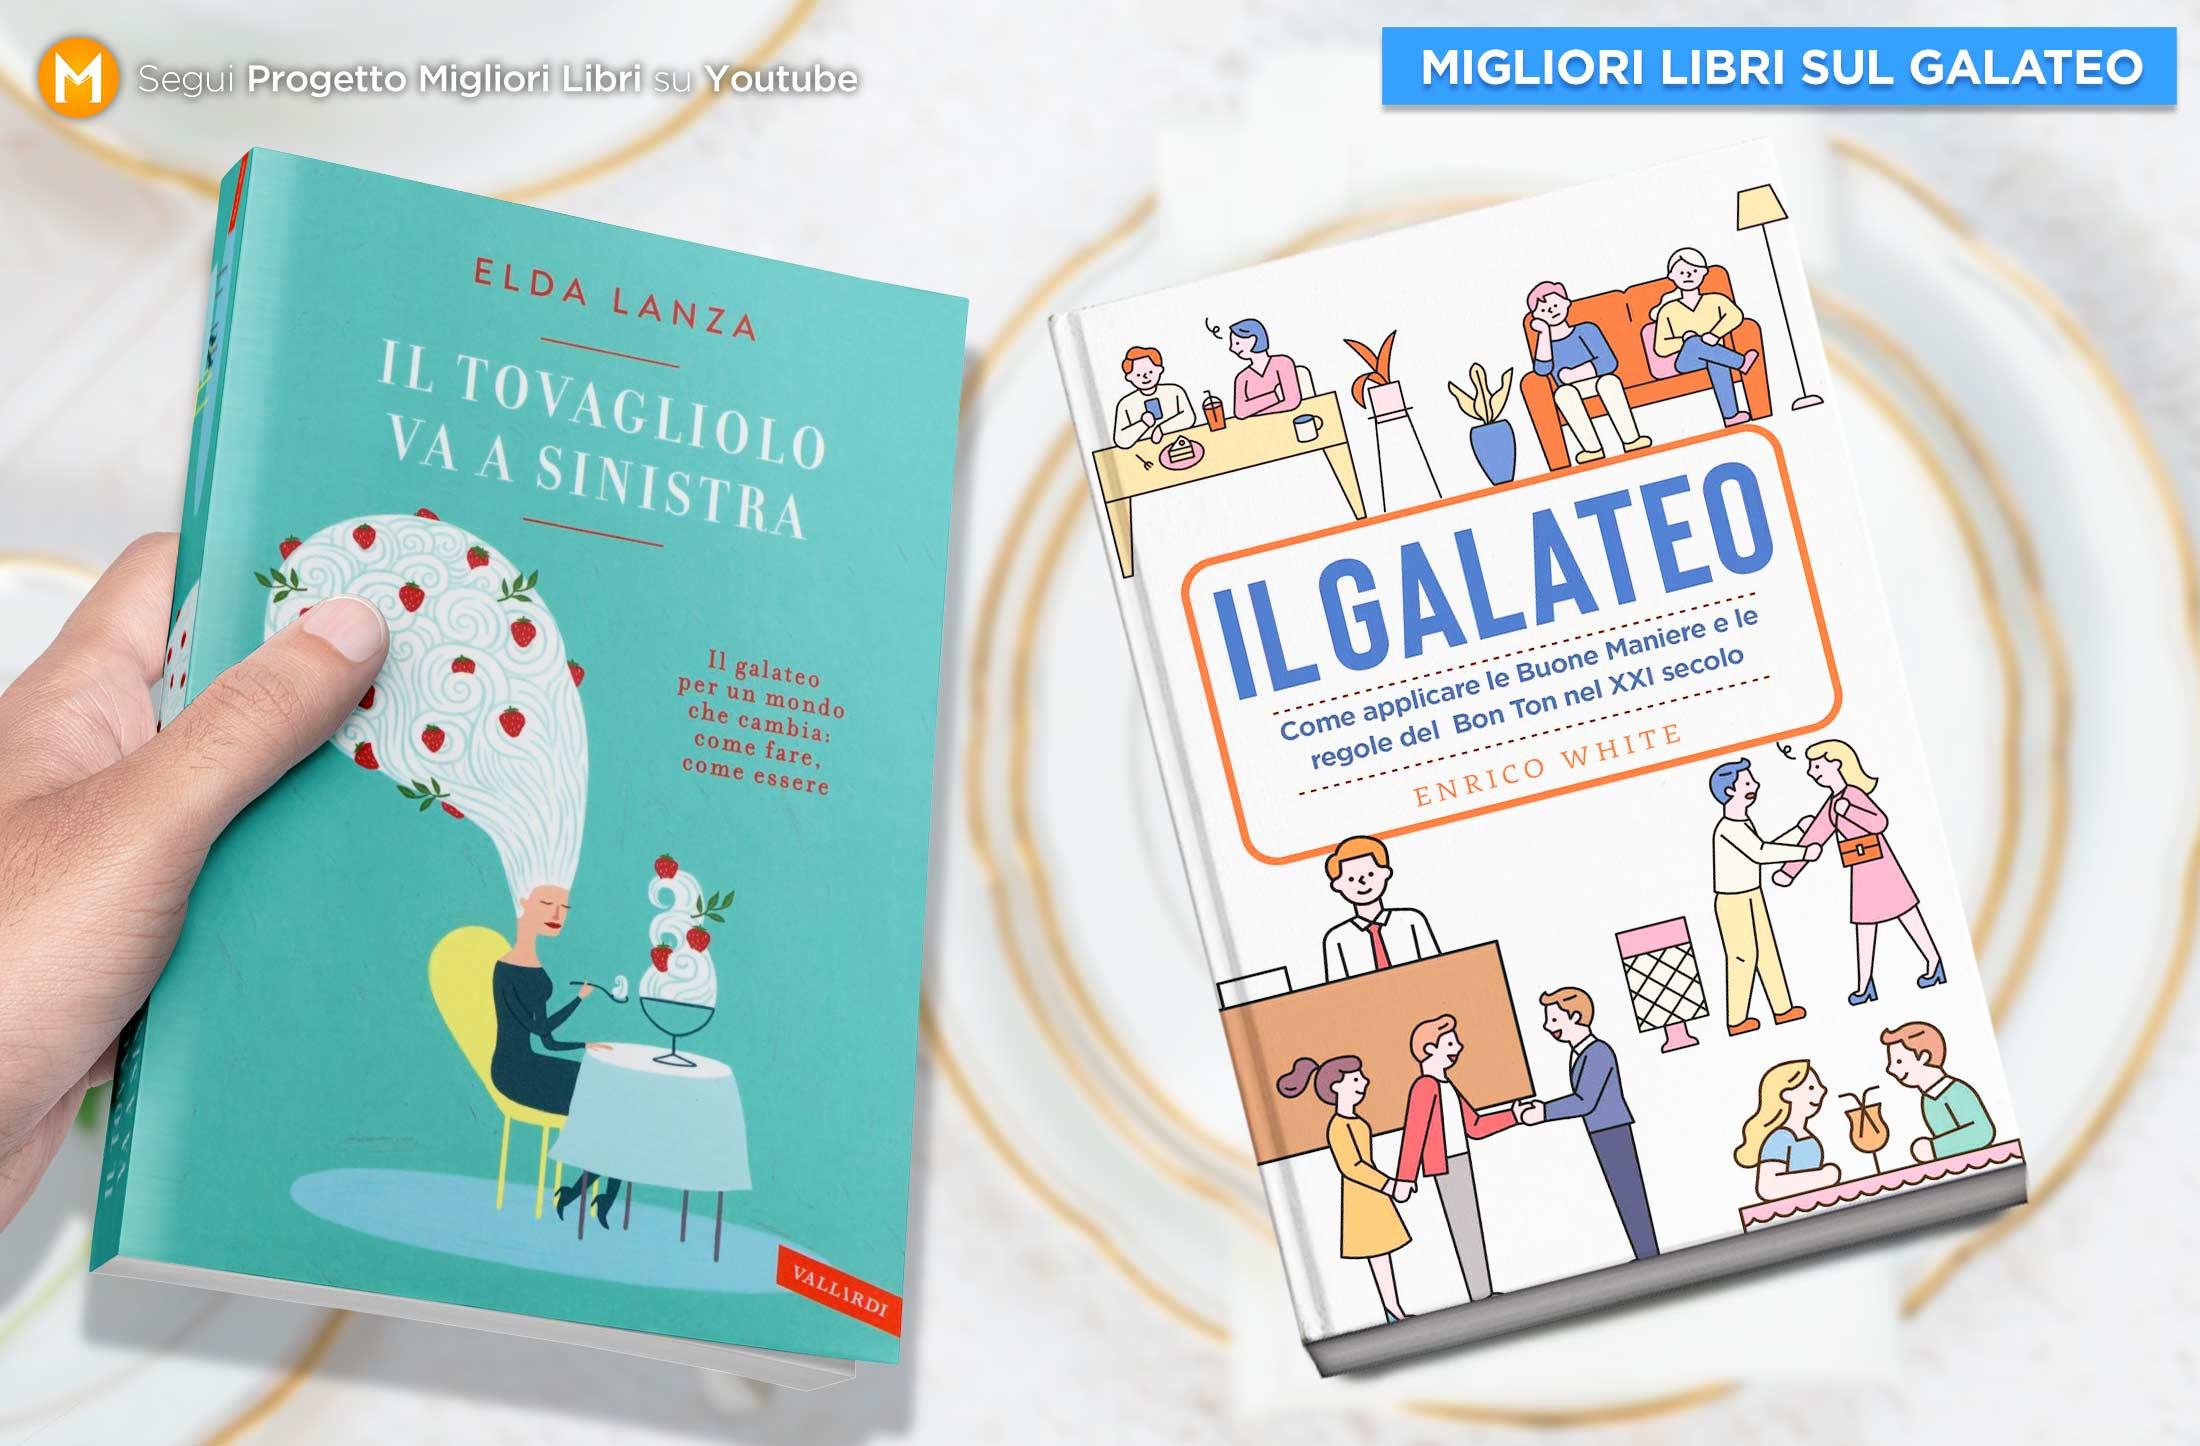 libri-sul-galateo-migliori